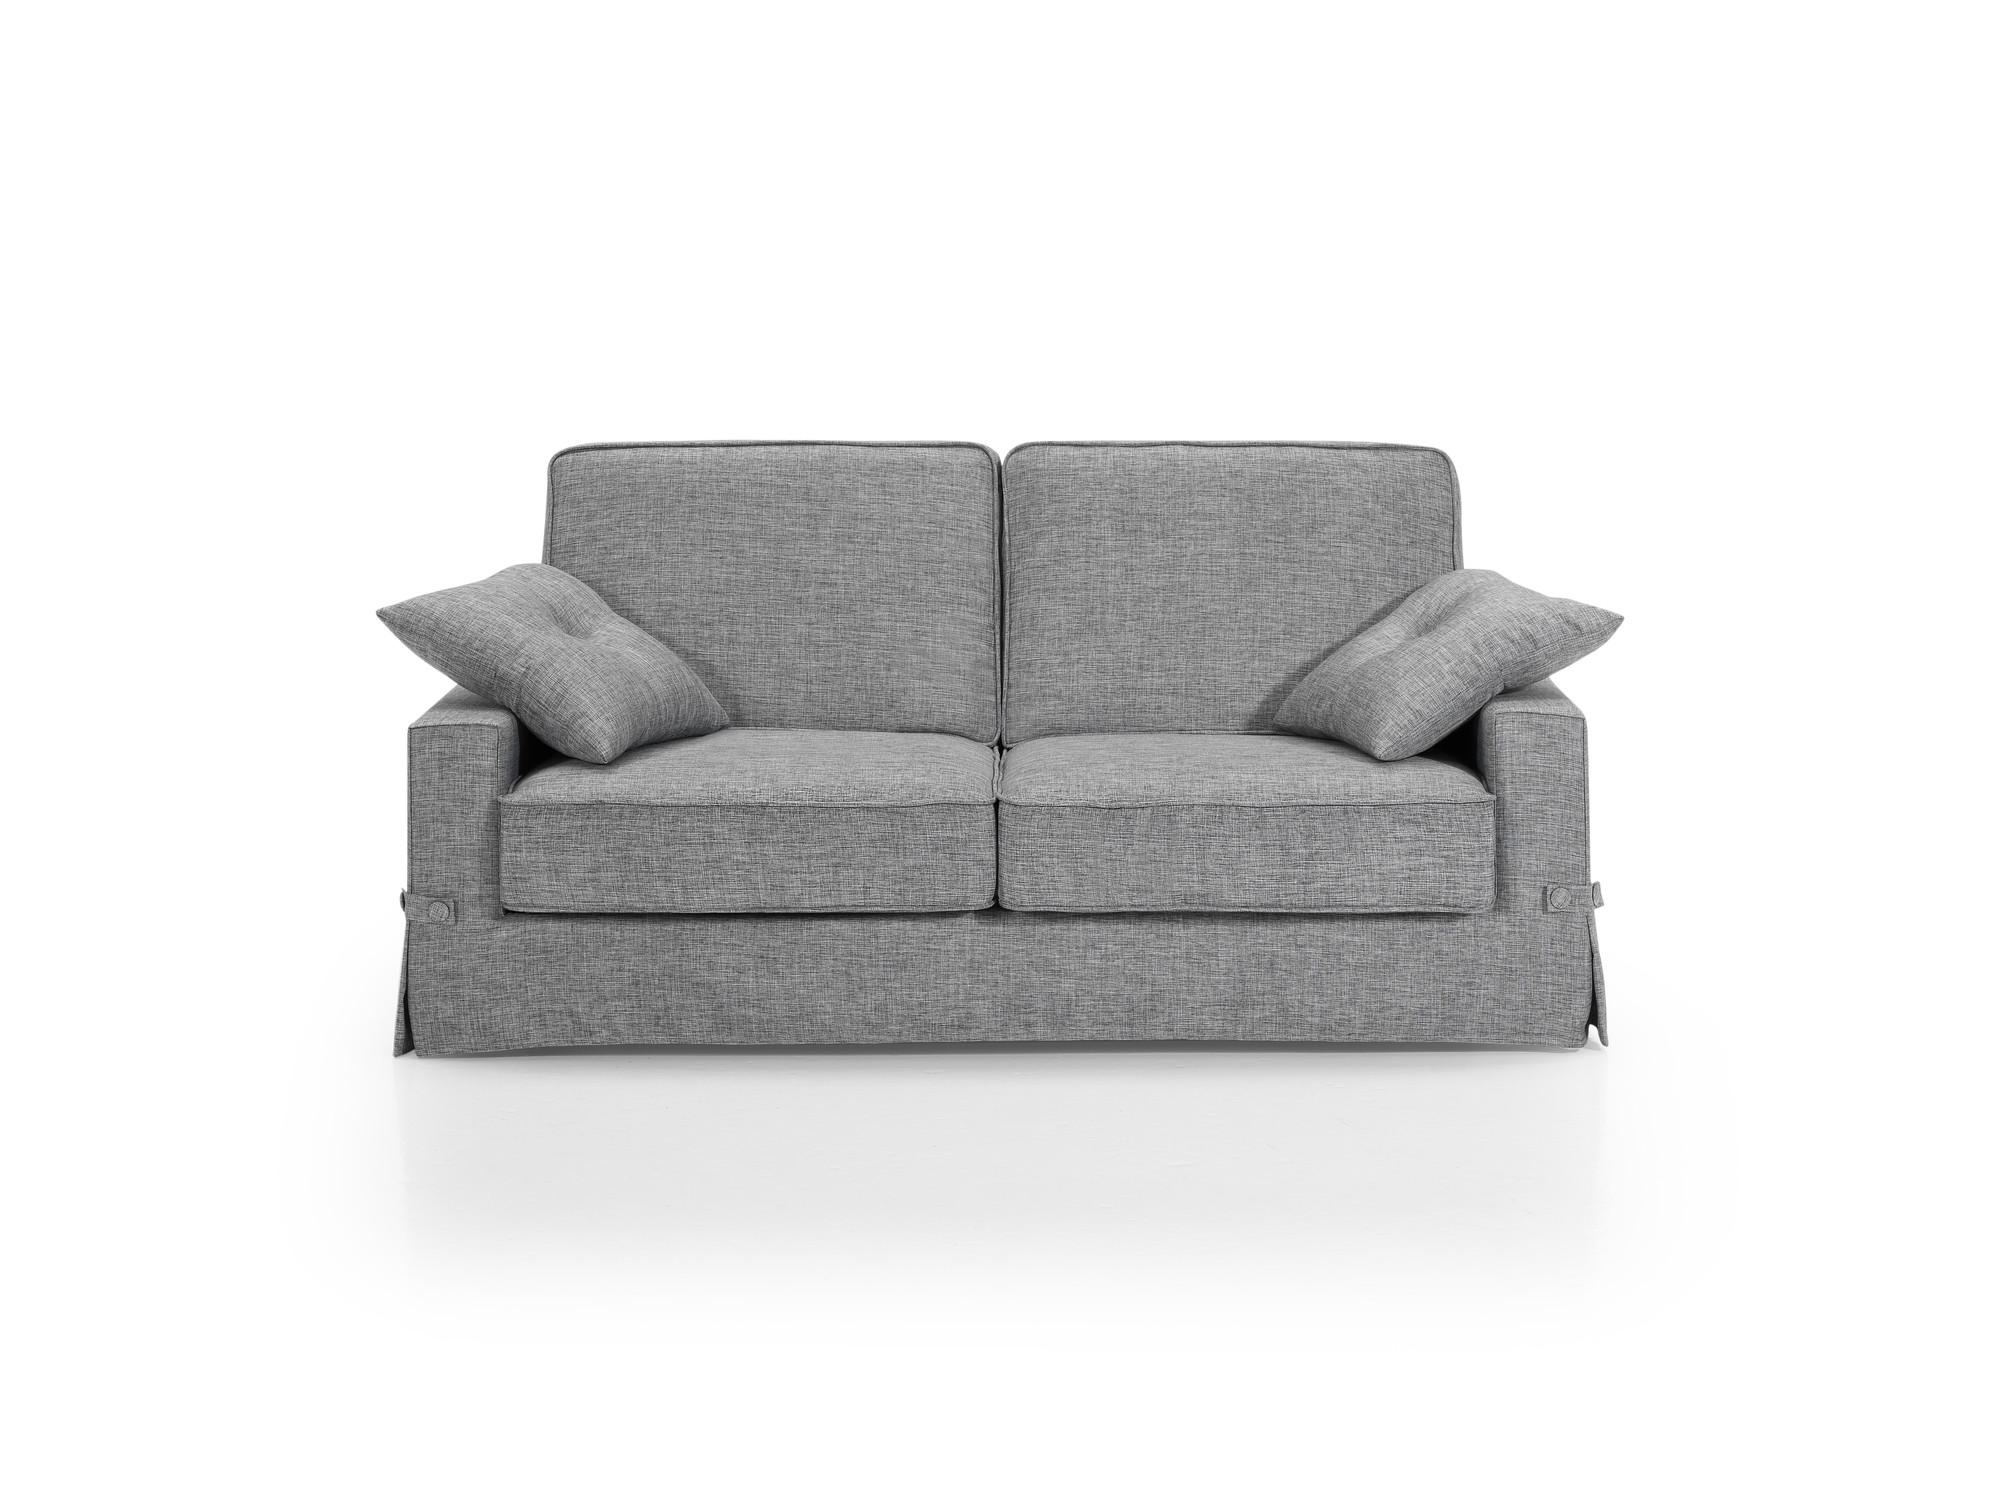 sofas online baratos que se adaptan a cualquier decoraci n